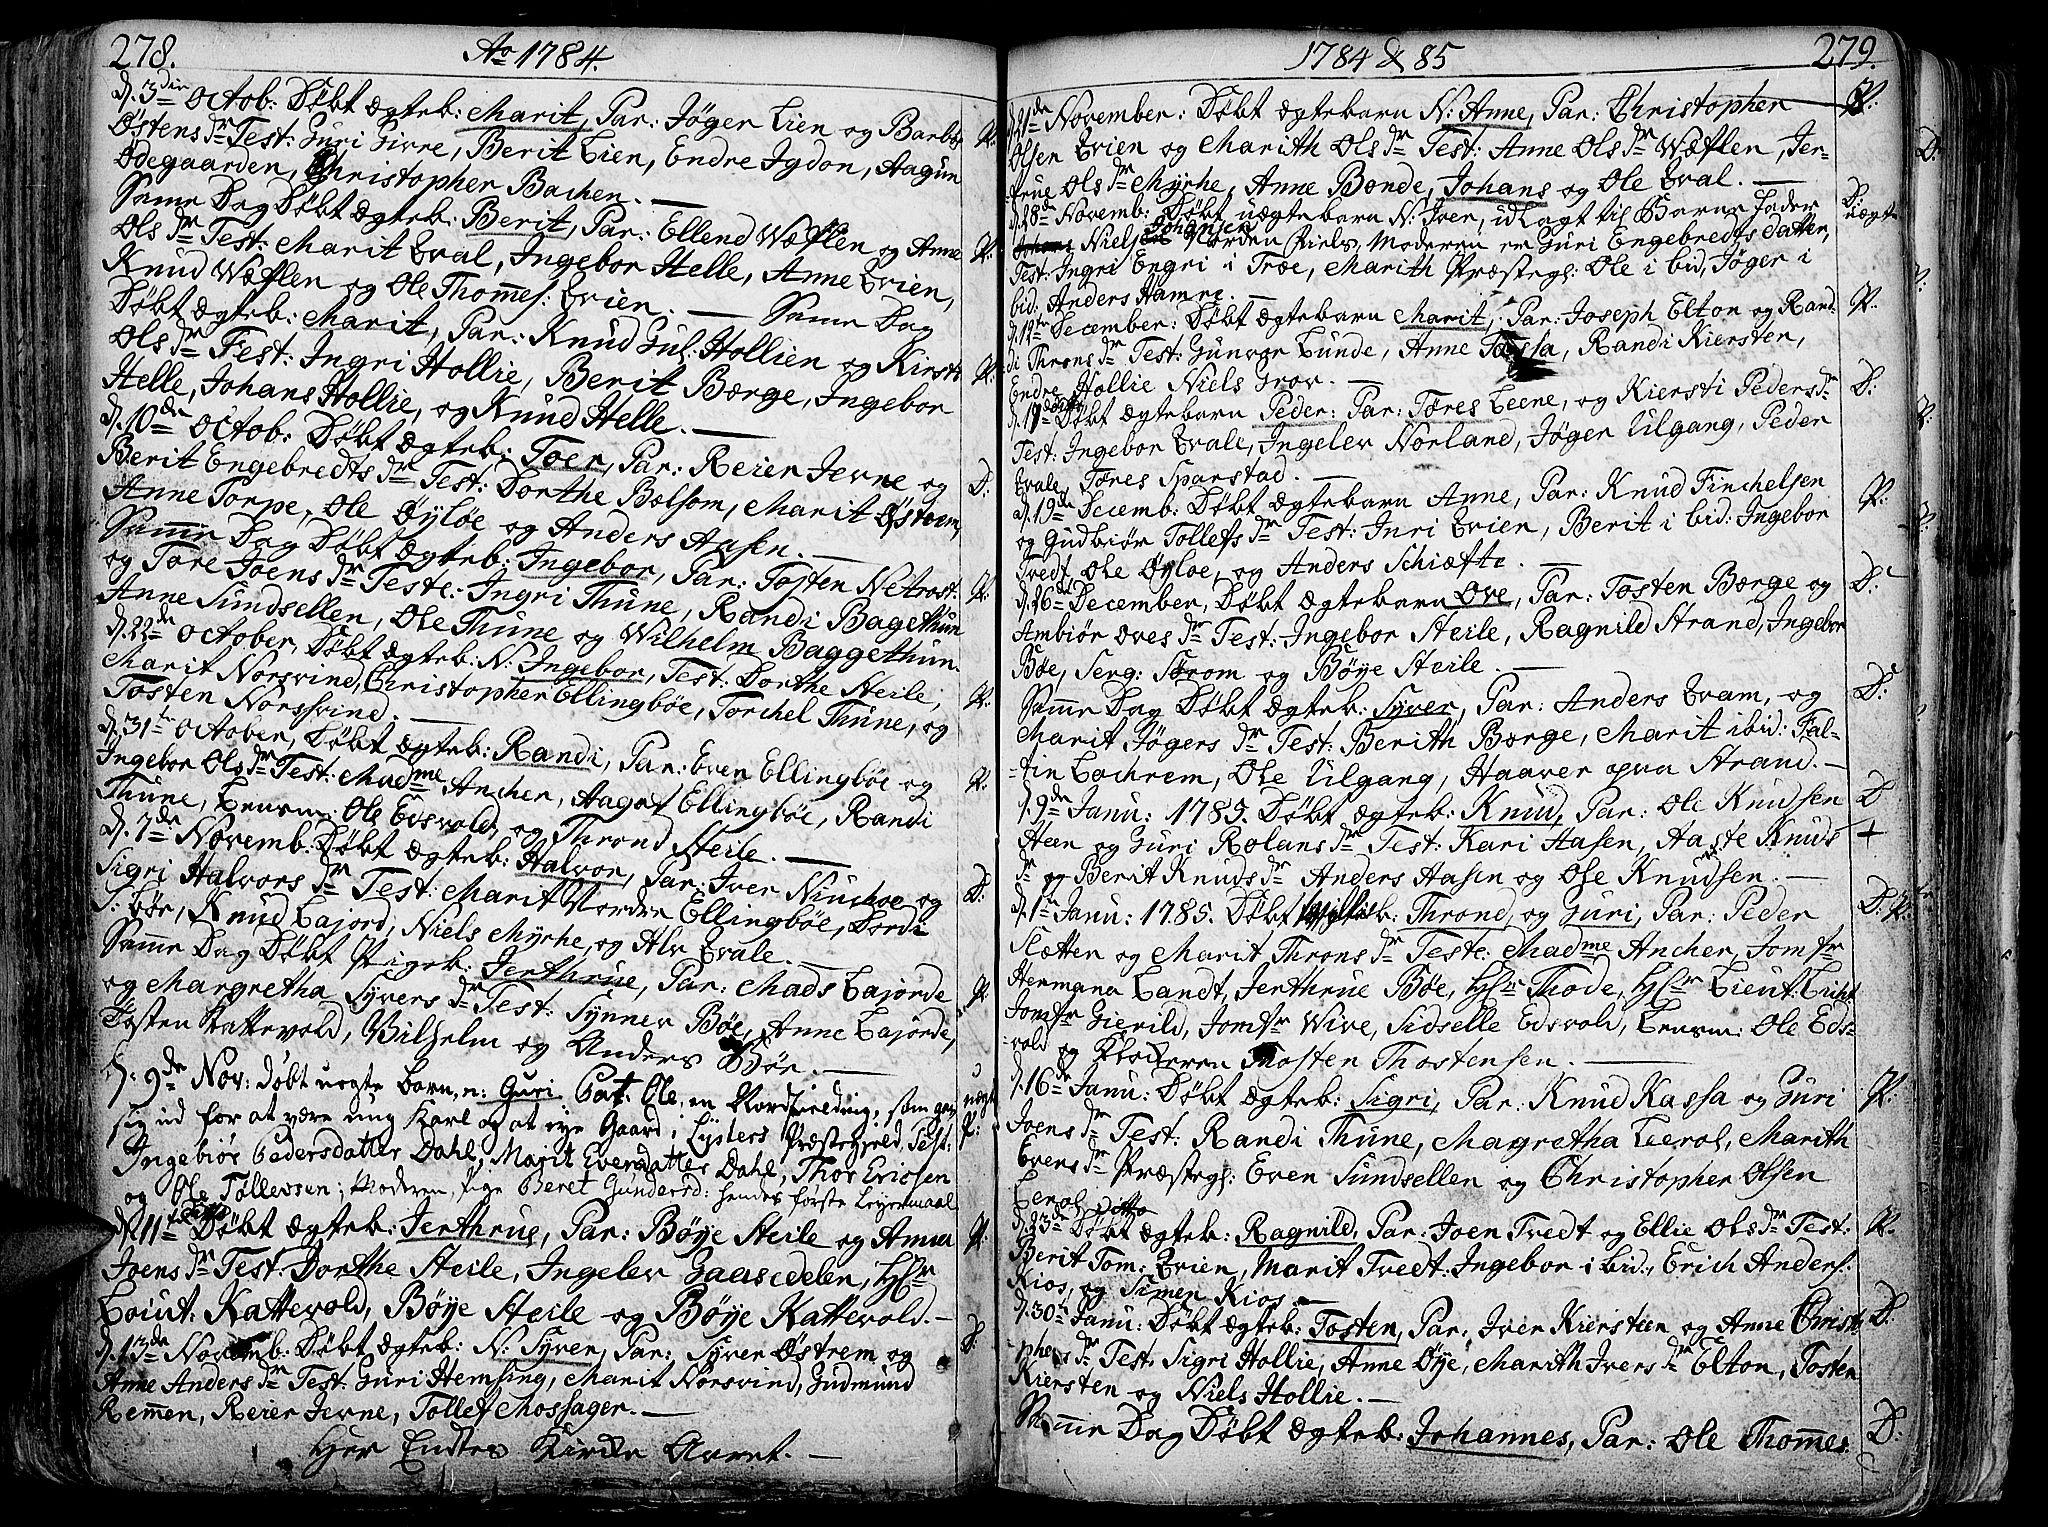 SAH, Vang prestekontor, Valdres, Ministerialbok nr. 1, 1730-1796, s. 278-279